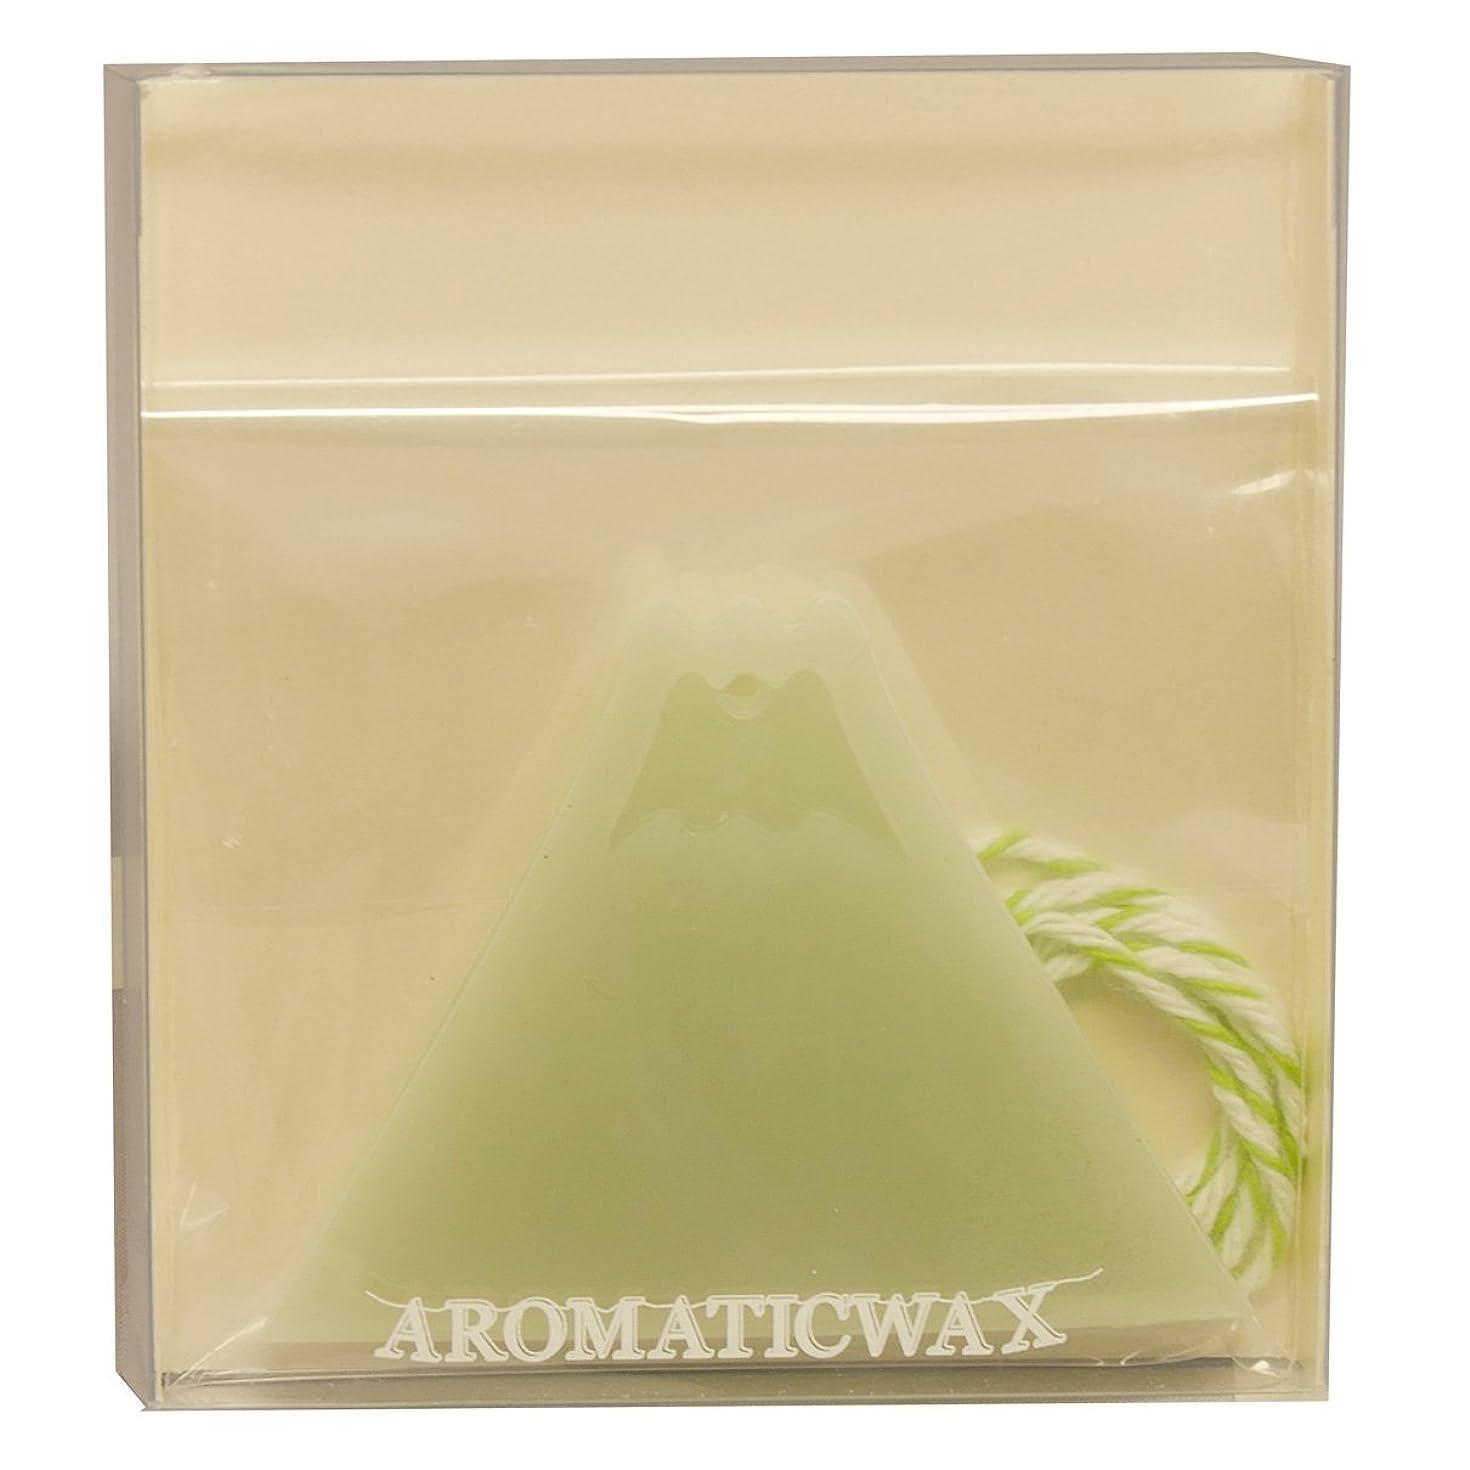 検索エンジンマーケティング投資する一握りGRASSE TOKYO AROMATICWAXチャーム「富士山」(GR) レモングラス アロマティックワックス グラーストウキョウ